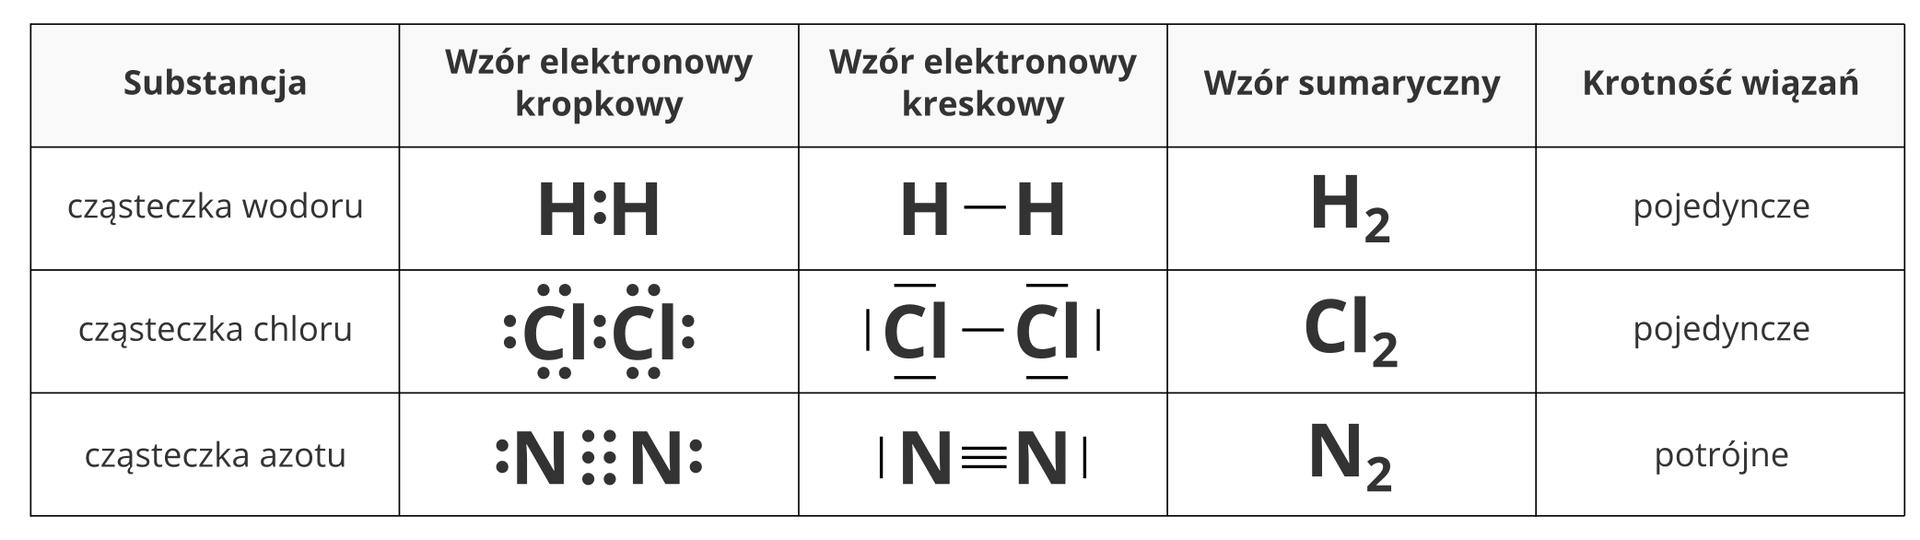 Ilustracja zawiera tabelę przedstawiającą trzy przykładowe cząsteczki obudowie bazującej na wiązaniach kowalencyjnych. Wpierwszym wierszu tabeli znajdują się opisy kolumn. Od lewej są to: nazwa substancji, wzór elektronowy kropkowy, wzór elektronowy kreskowy, wzór sumaryczny, oraz krotność występującej wsubstancji wiązań. Pierwszą prezentowaną substancją jest prosta cząsteczka wodoru H2 opojedynczym wiązaniu. Drugą jest bardzo podobna do niej cząsteczka chloru Cl2, której atomy we wzorach elektronowych różnią się tym, że mają po trzy niezwiązane pary elektronowe. Również ta cząsteczka zawiera wiązanie pojedyncze między cząsteczkami. Ostatnią substancją jest gazowy azot osymbolu N2. Wtym przypadku wiązanie pomiędzy atomami jego cząsteczek jest potrójne.